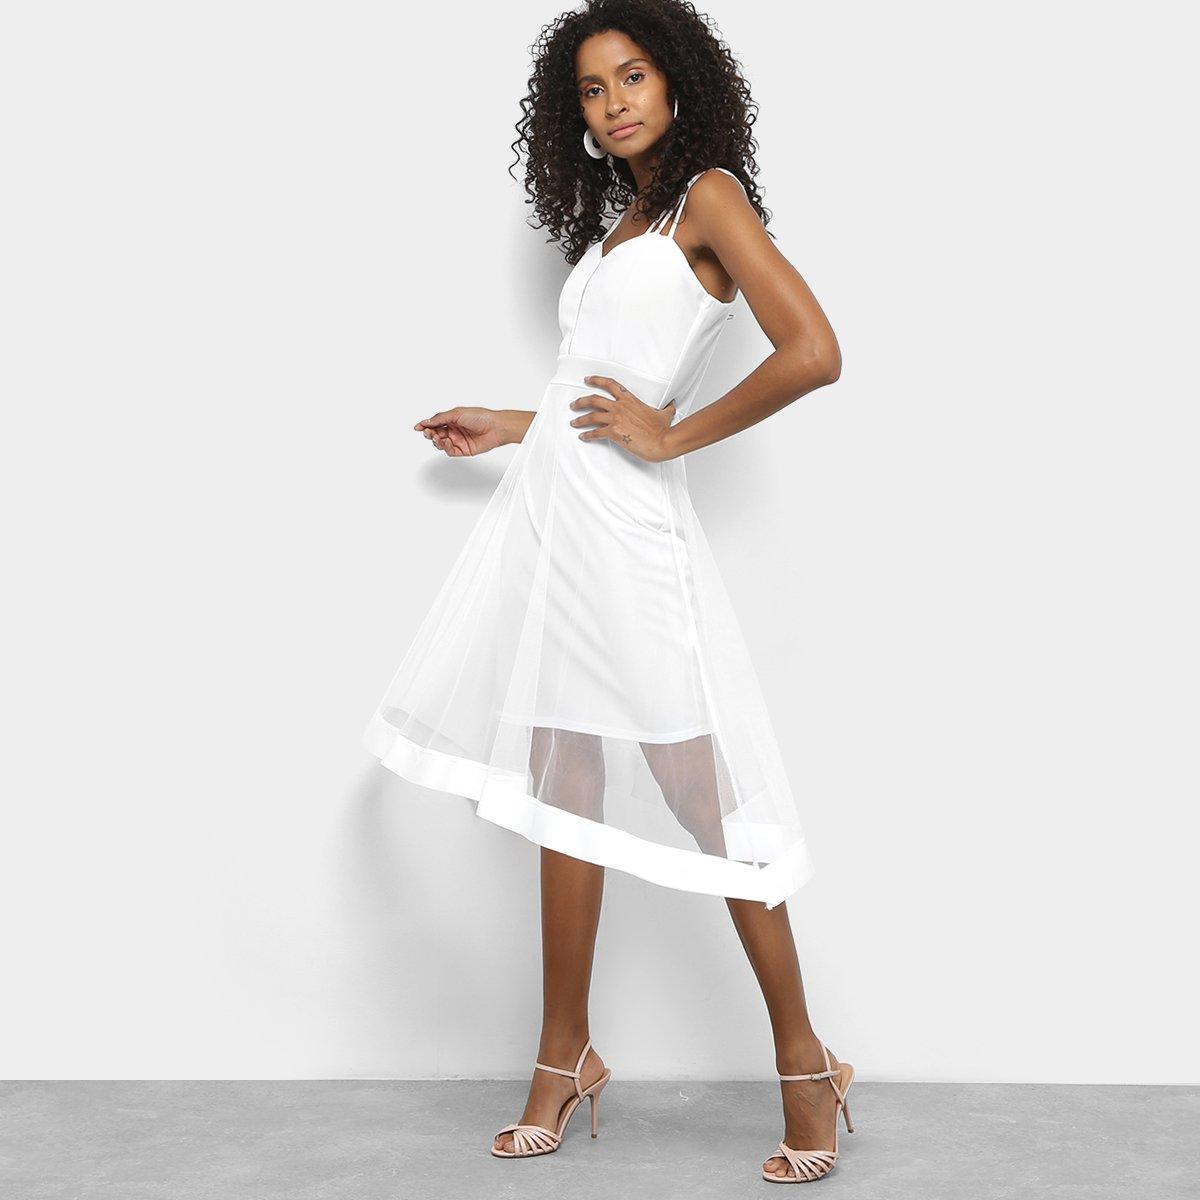 Vestido Festa Lily Fashion Tule Curto Branco